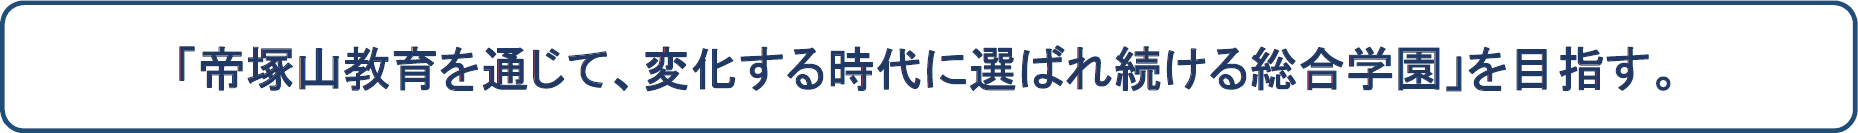 「帝塚山教育を通じて、変化する時代に選ばれ続ける総合学園」を目指す。